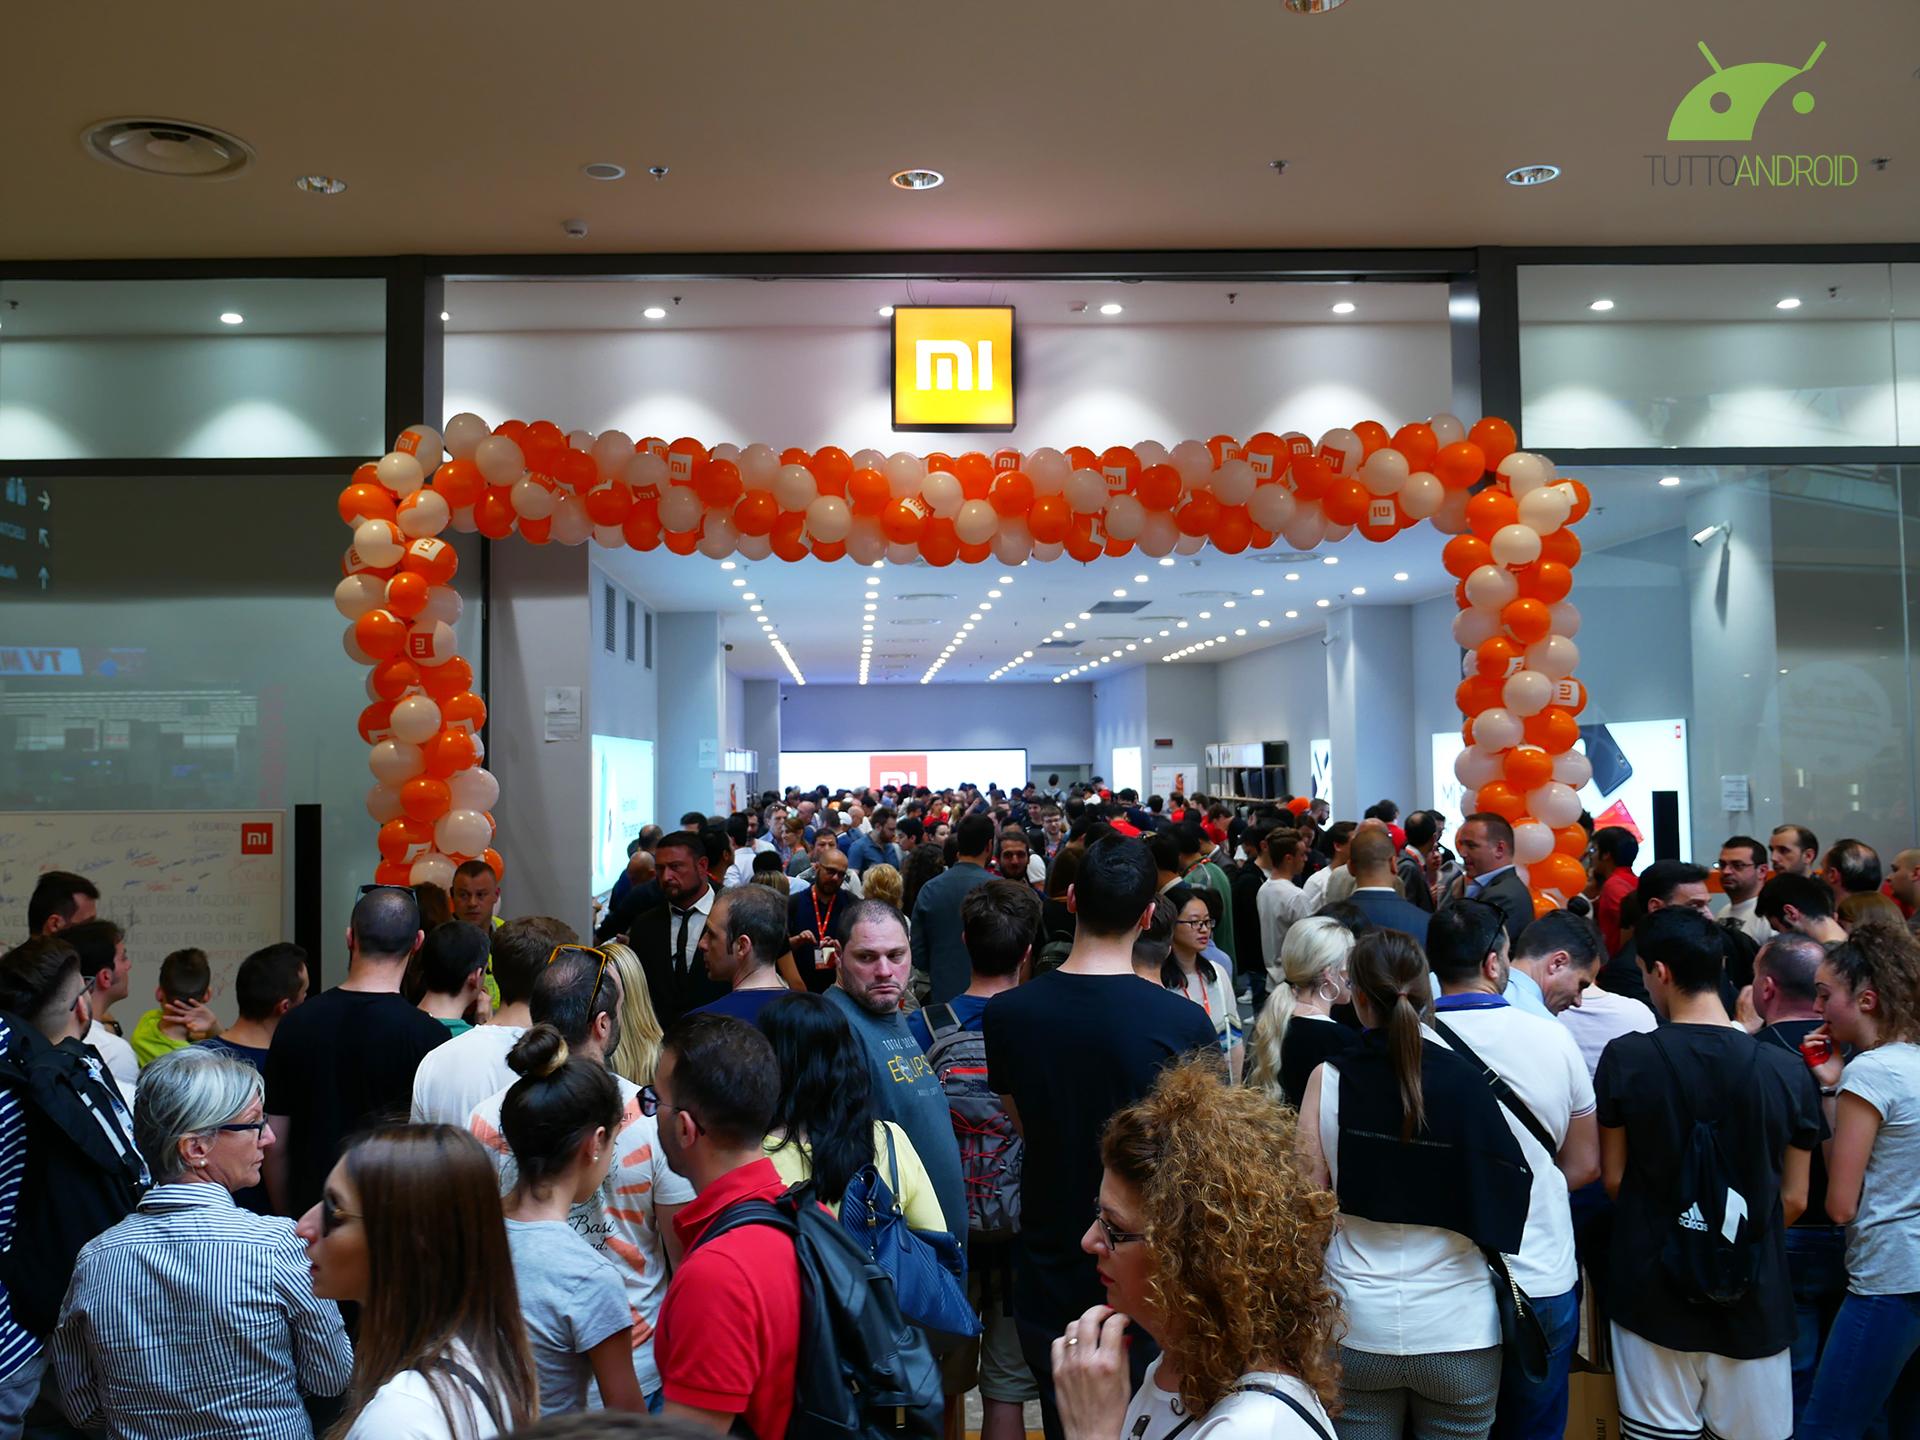 Non prendete impegni sabato 19: a Firenze apre il nuovo Shop